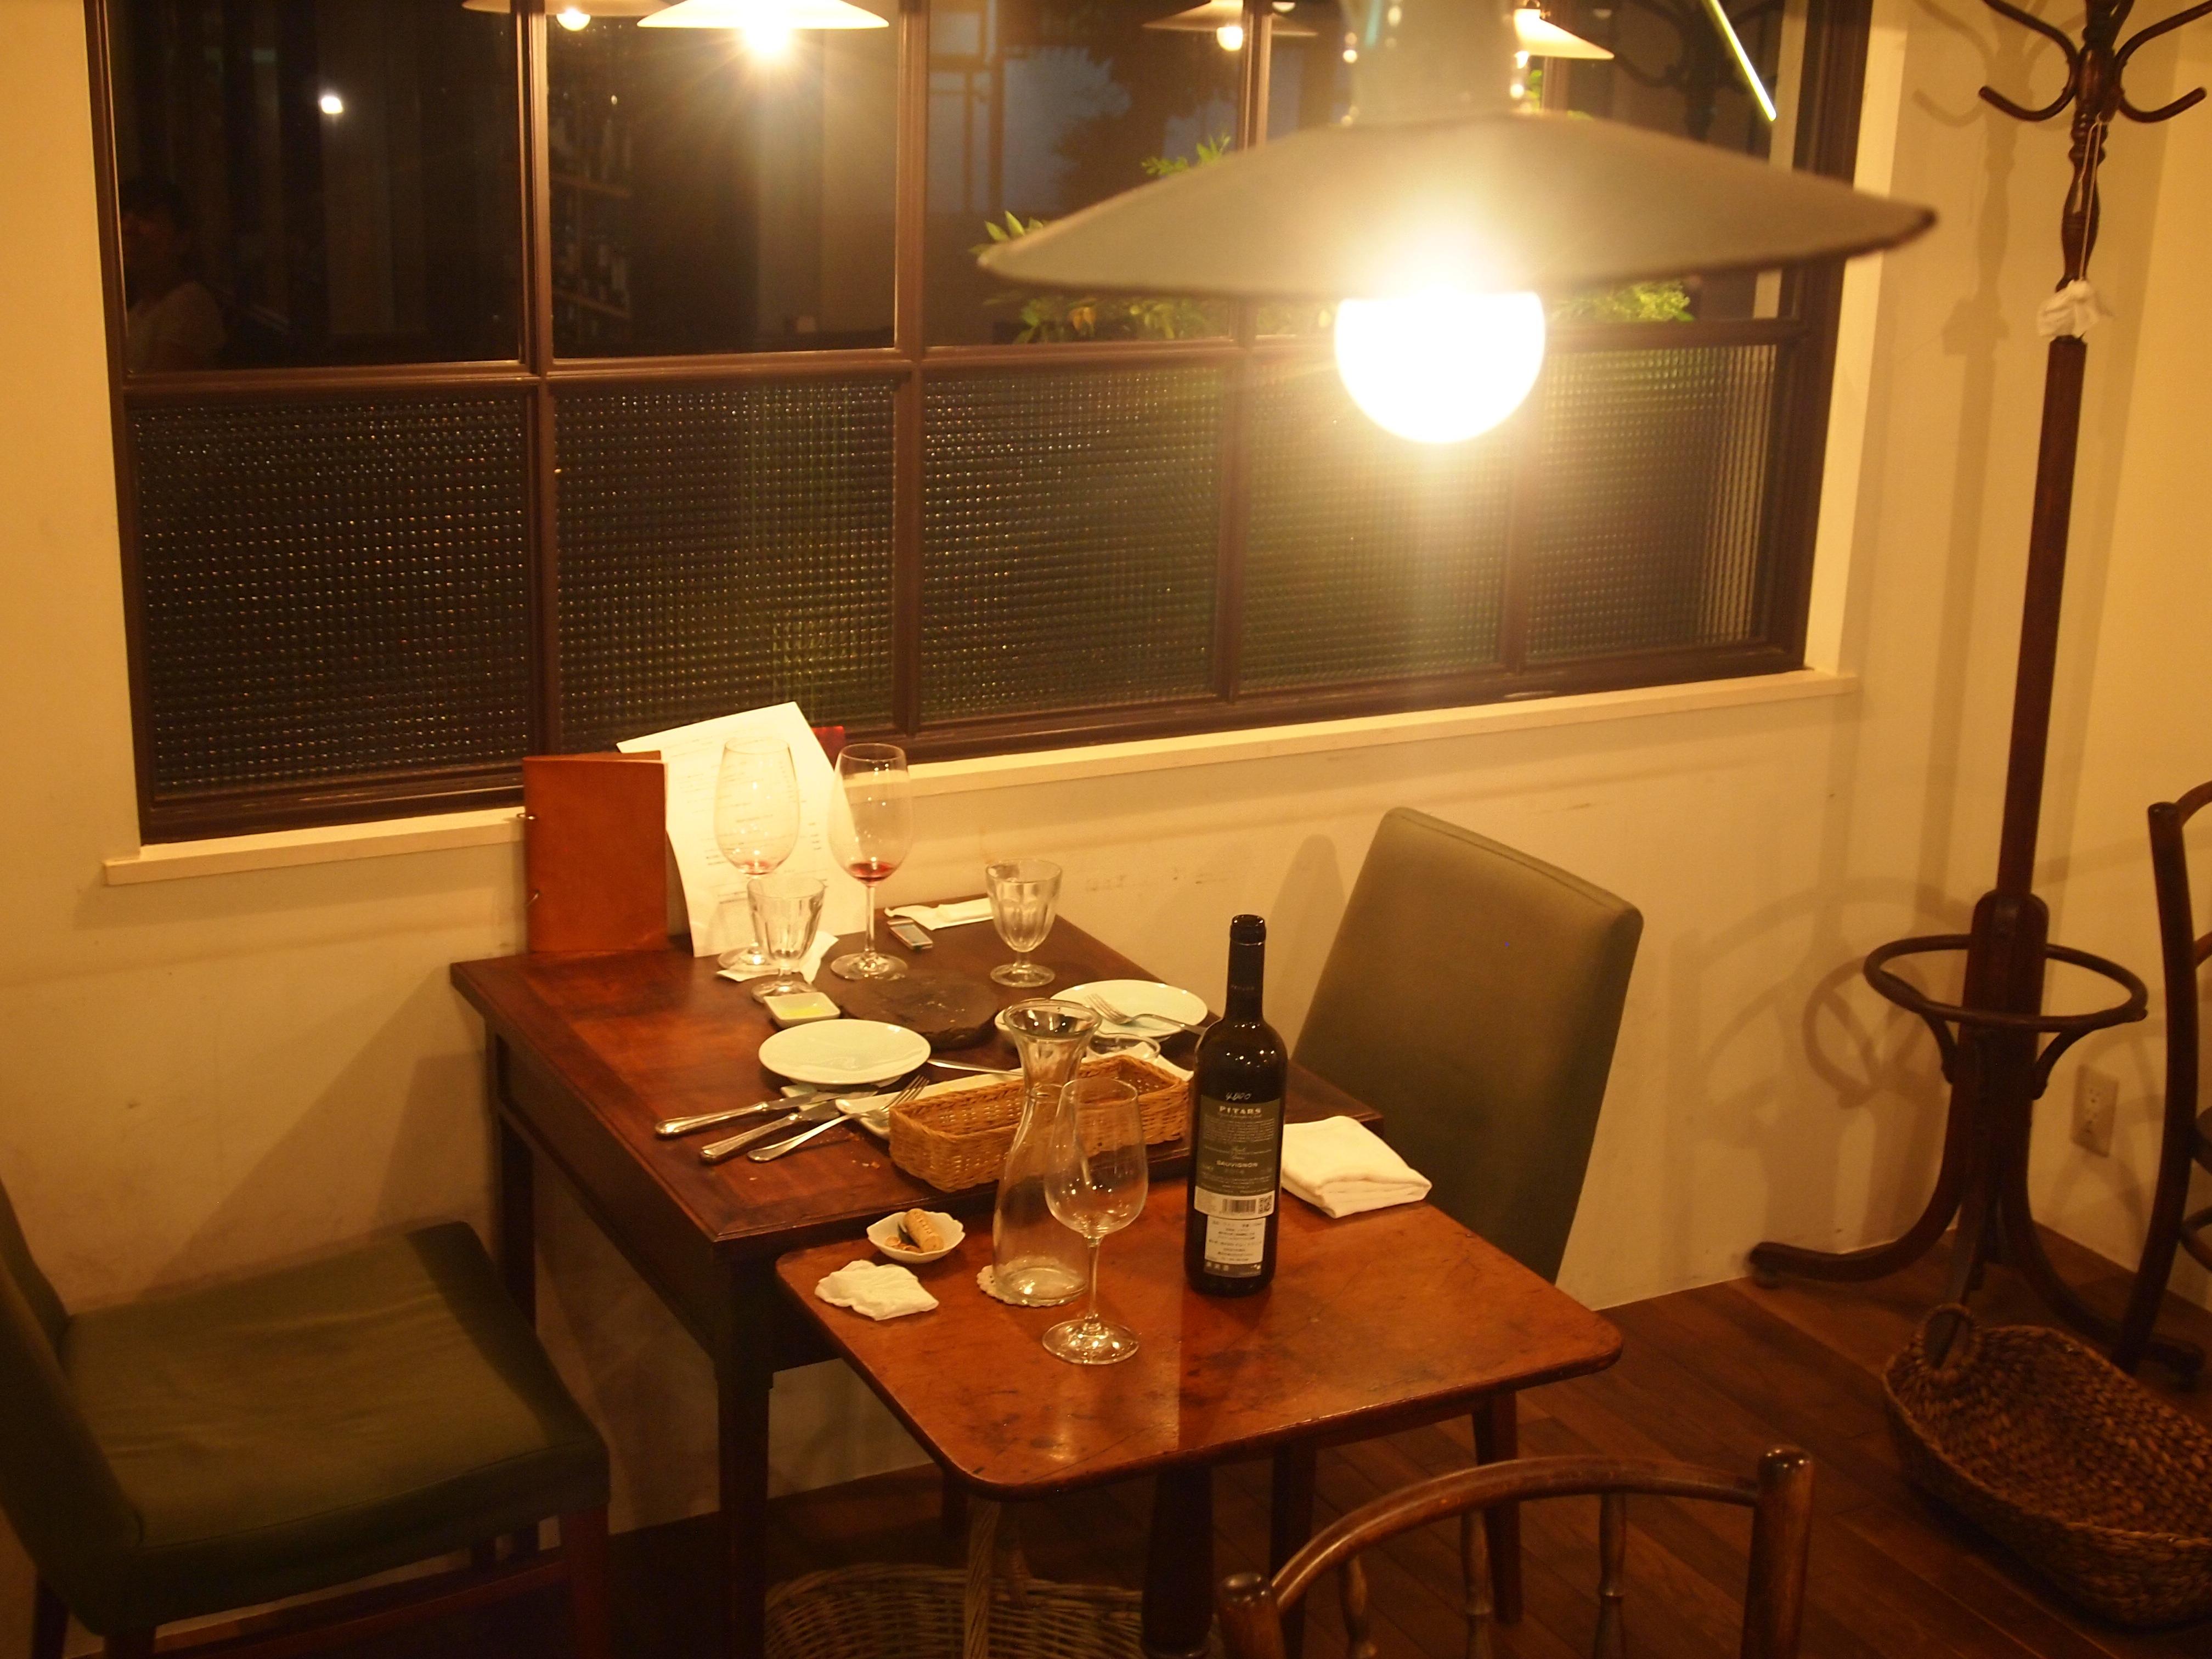 『ターボラカルダオオノ』店内。温かい雰囲気と本格イタリアン。